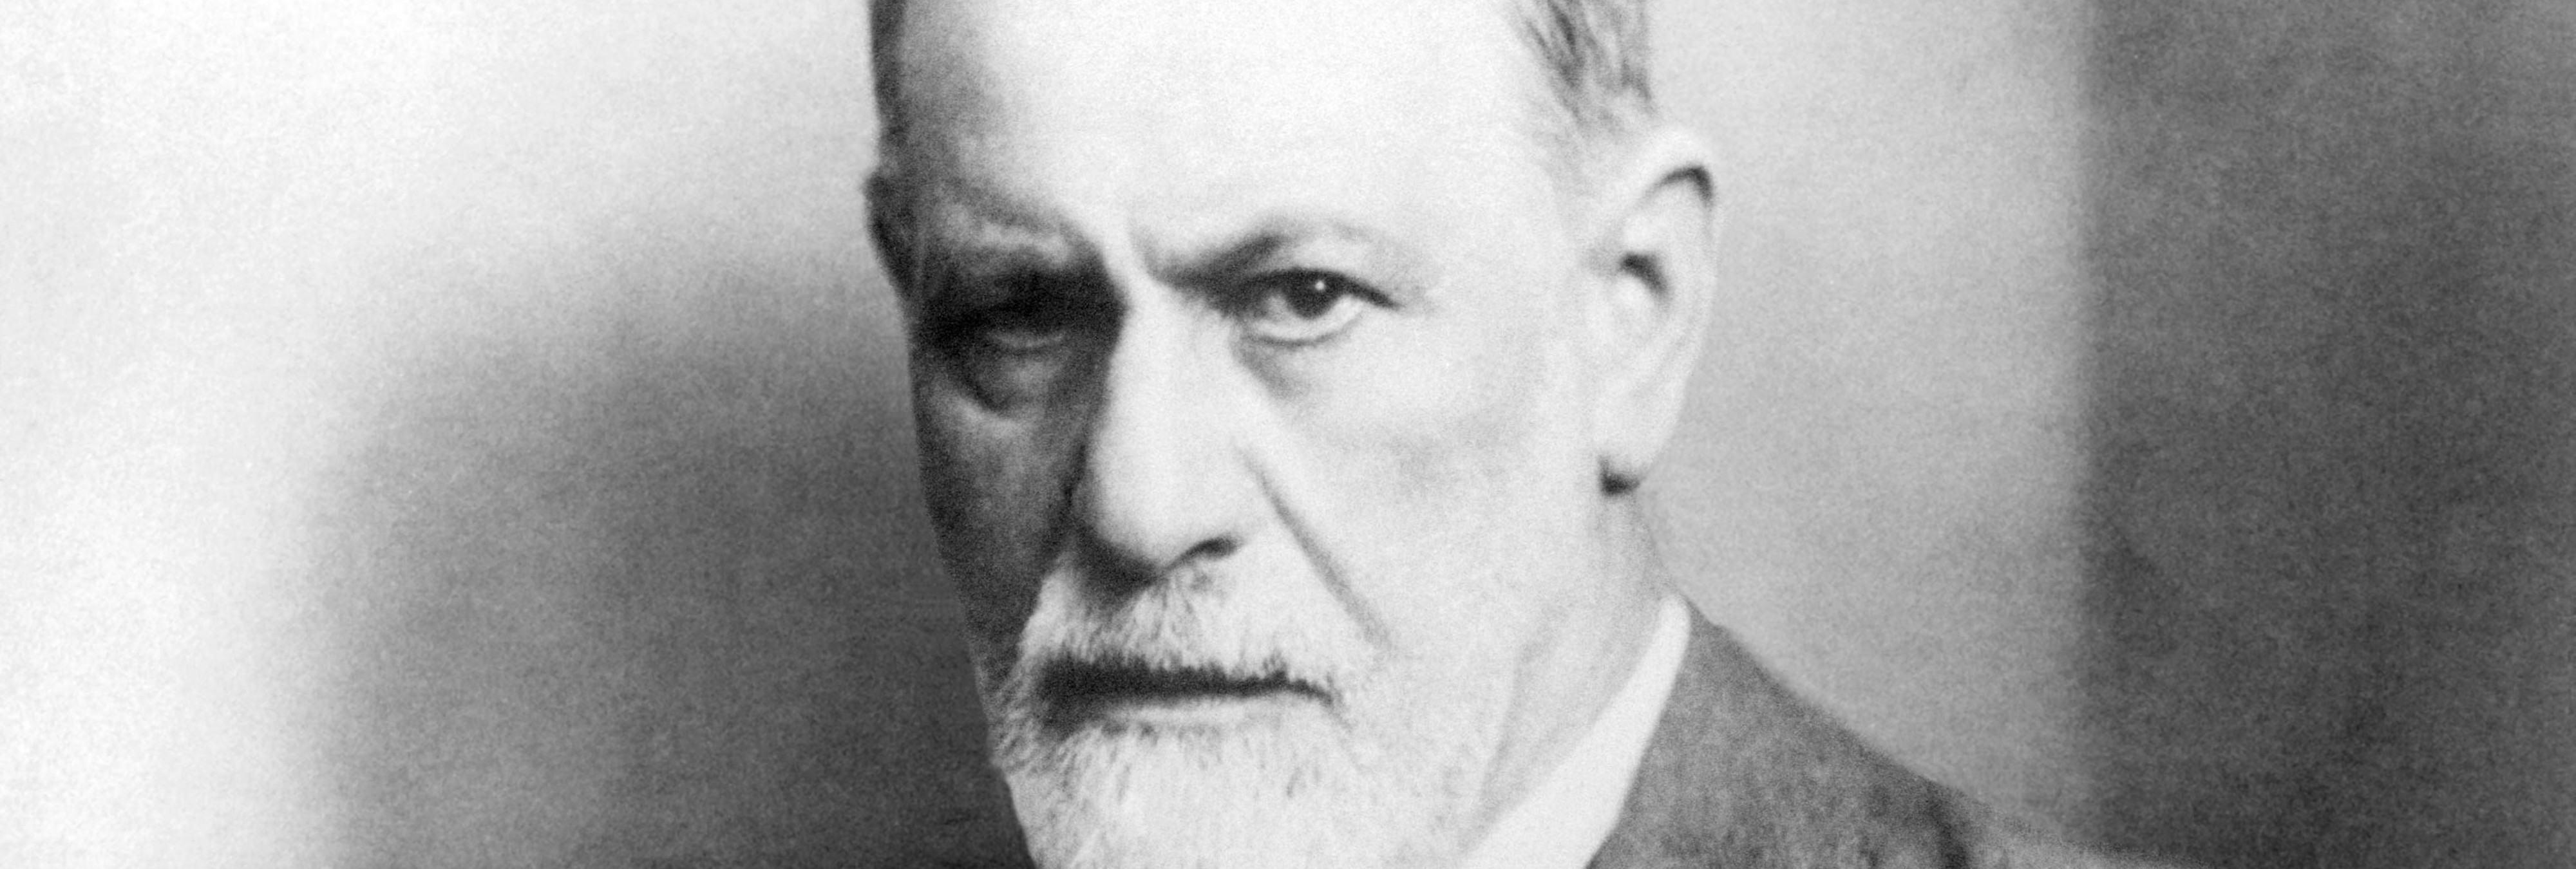 13 razones por las que adorarás a Sigmund Freud aunque no te interese la psicología